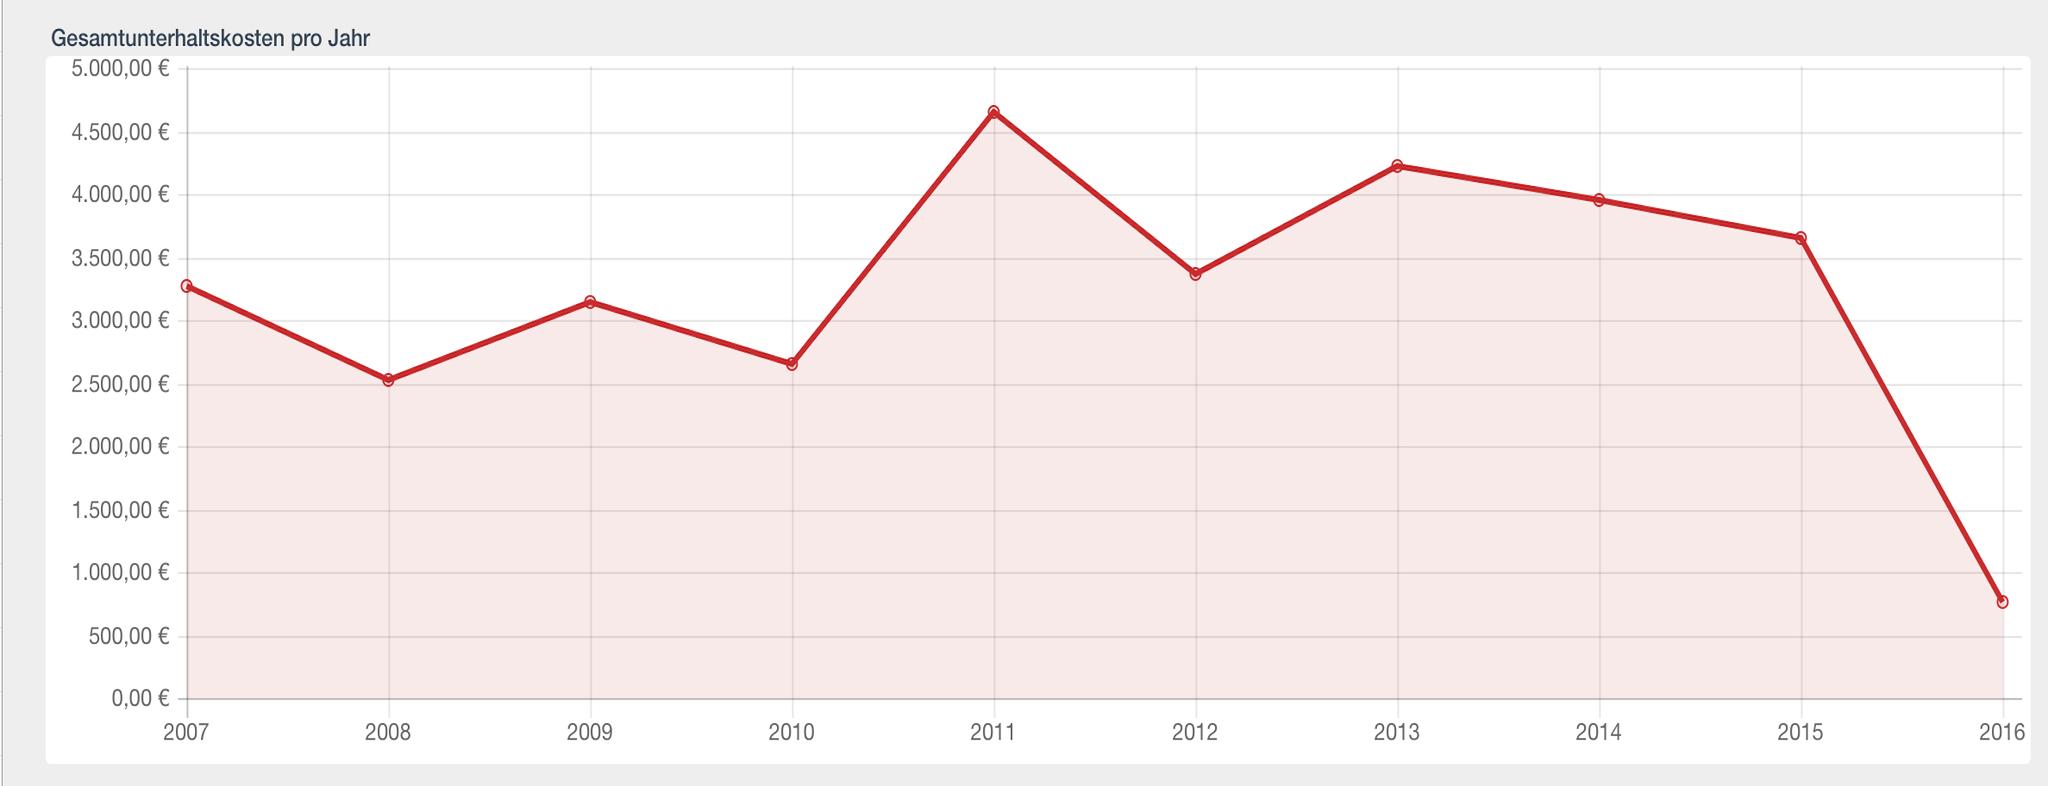 Die Gesamtunterhaltskosten aller Jahre als Liniendiagramm.